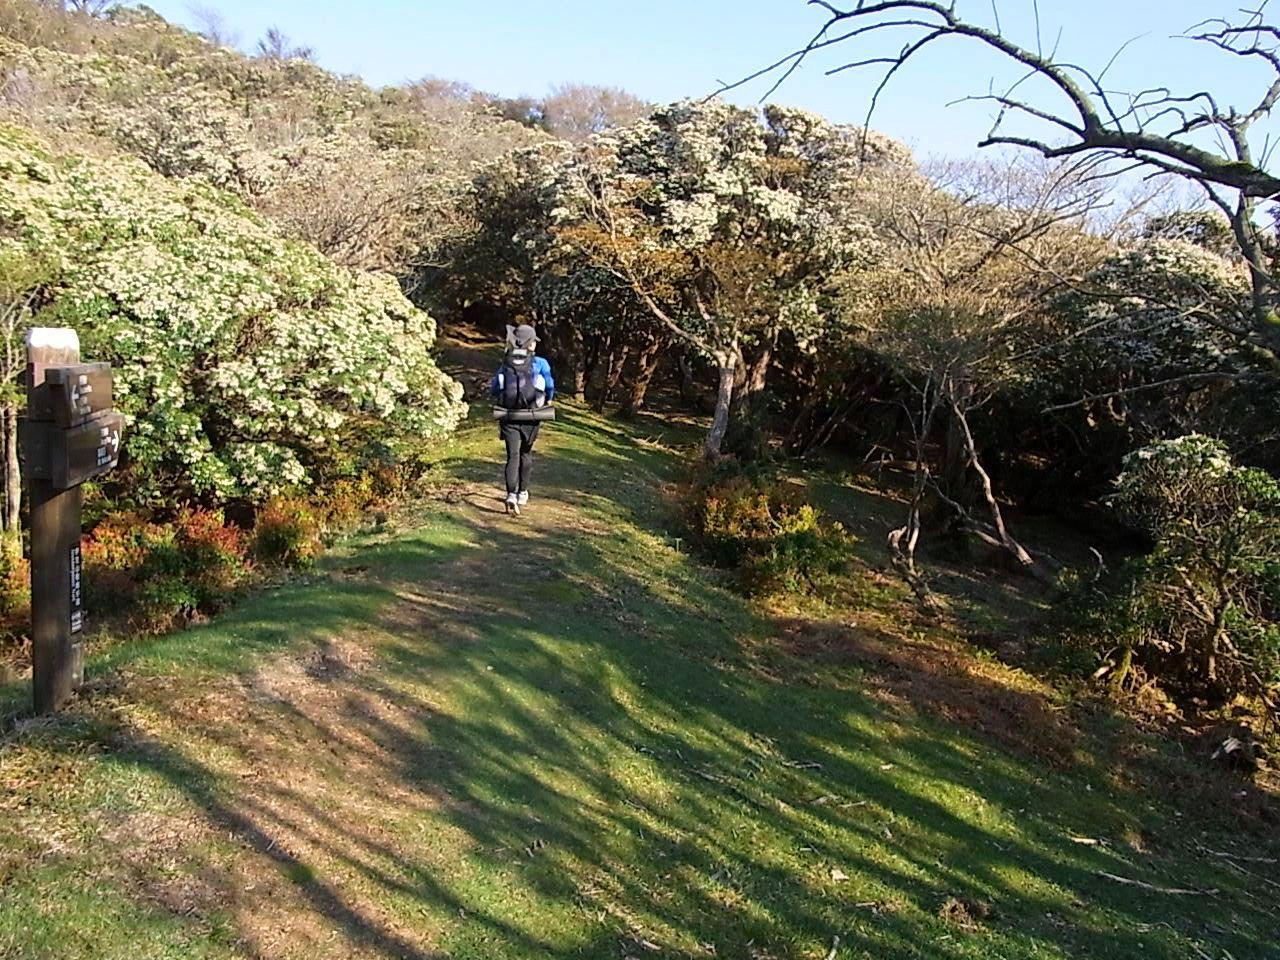 2013.4.27-28 伊豆ファストパッキング day1 (戸田峠-三蓋山)_b0219778_16352.jpg